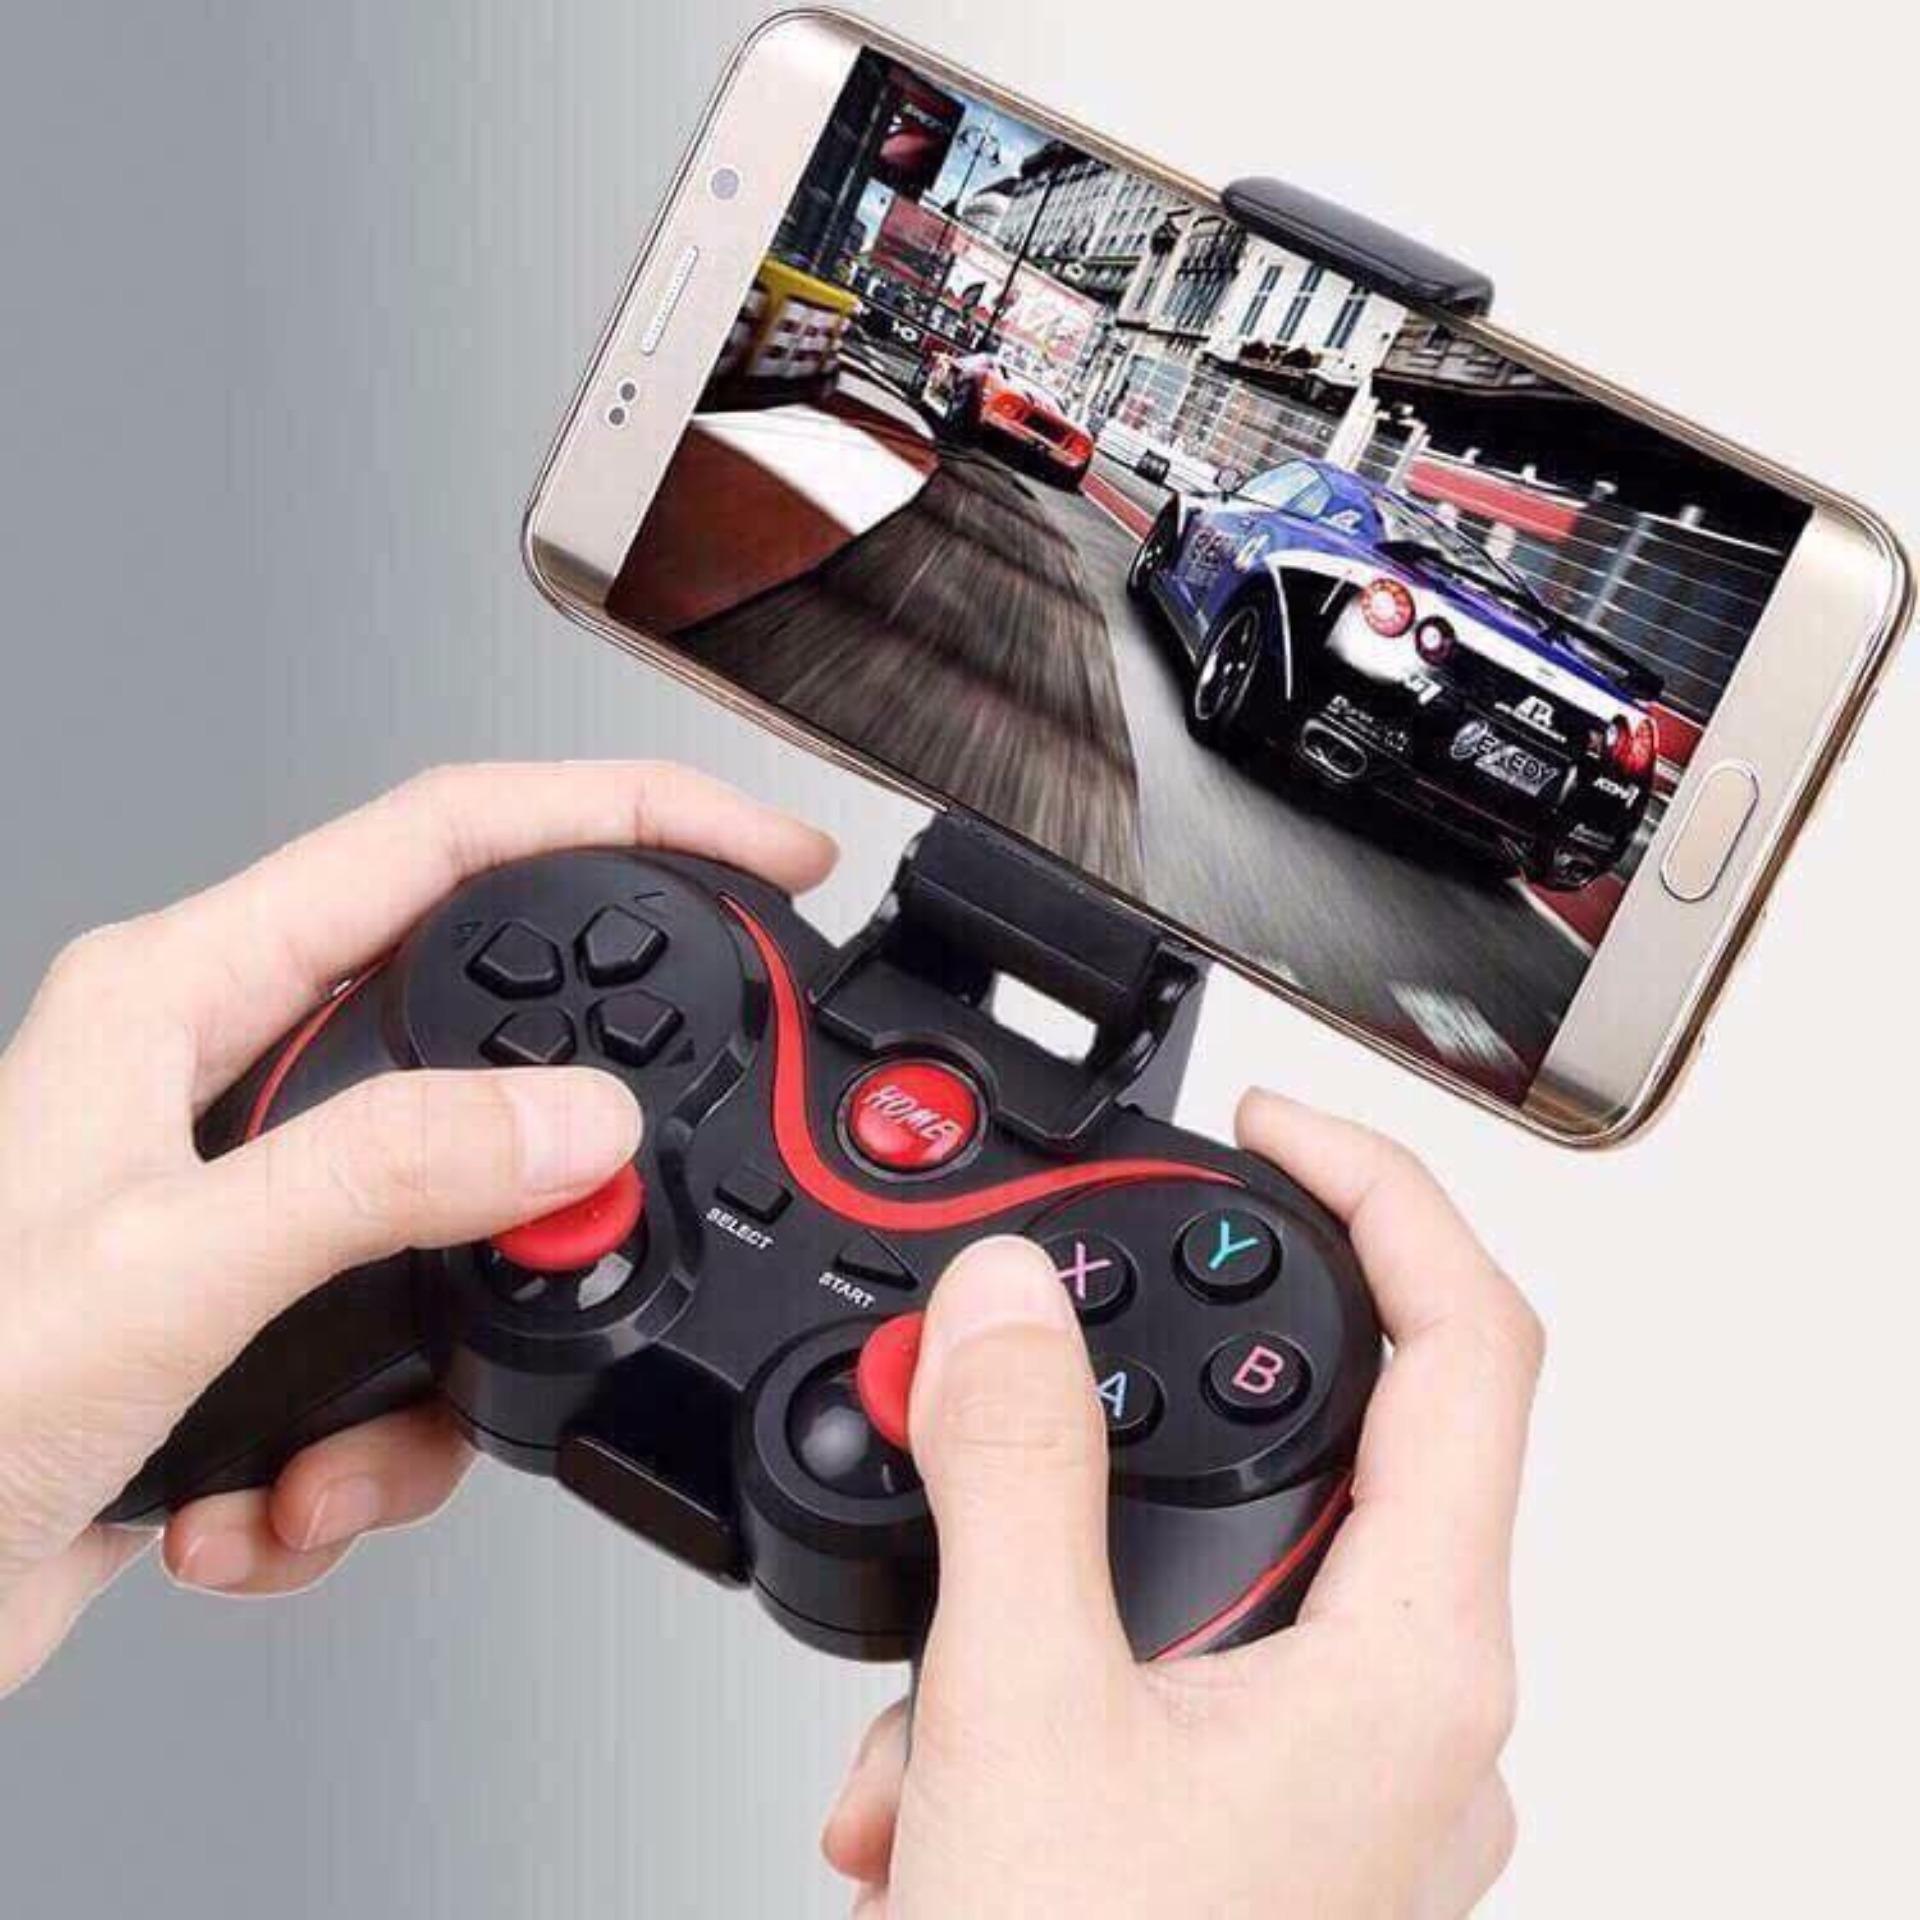 Tay cầm chơi game kèm giá đỡ điện thoại Gamemax Terios T3/X3